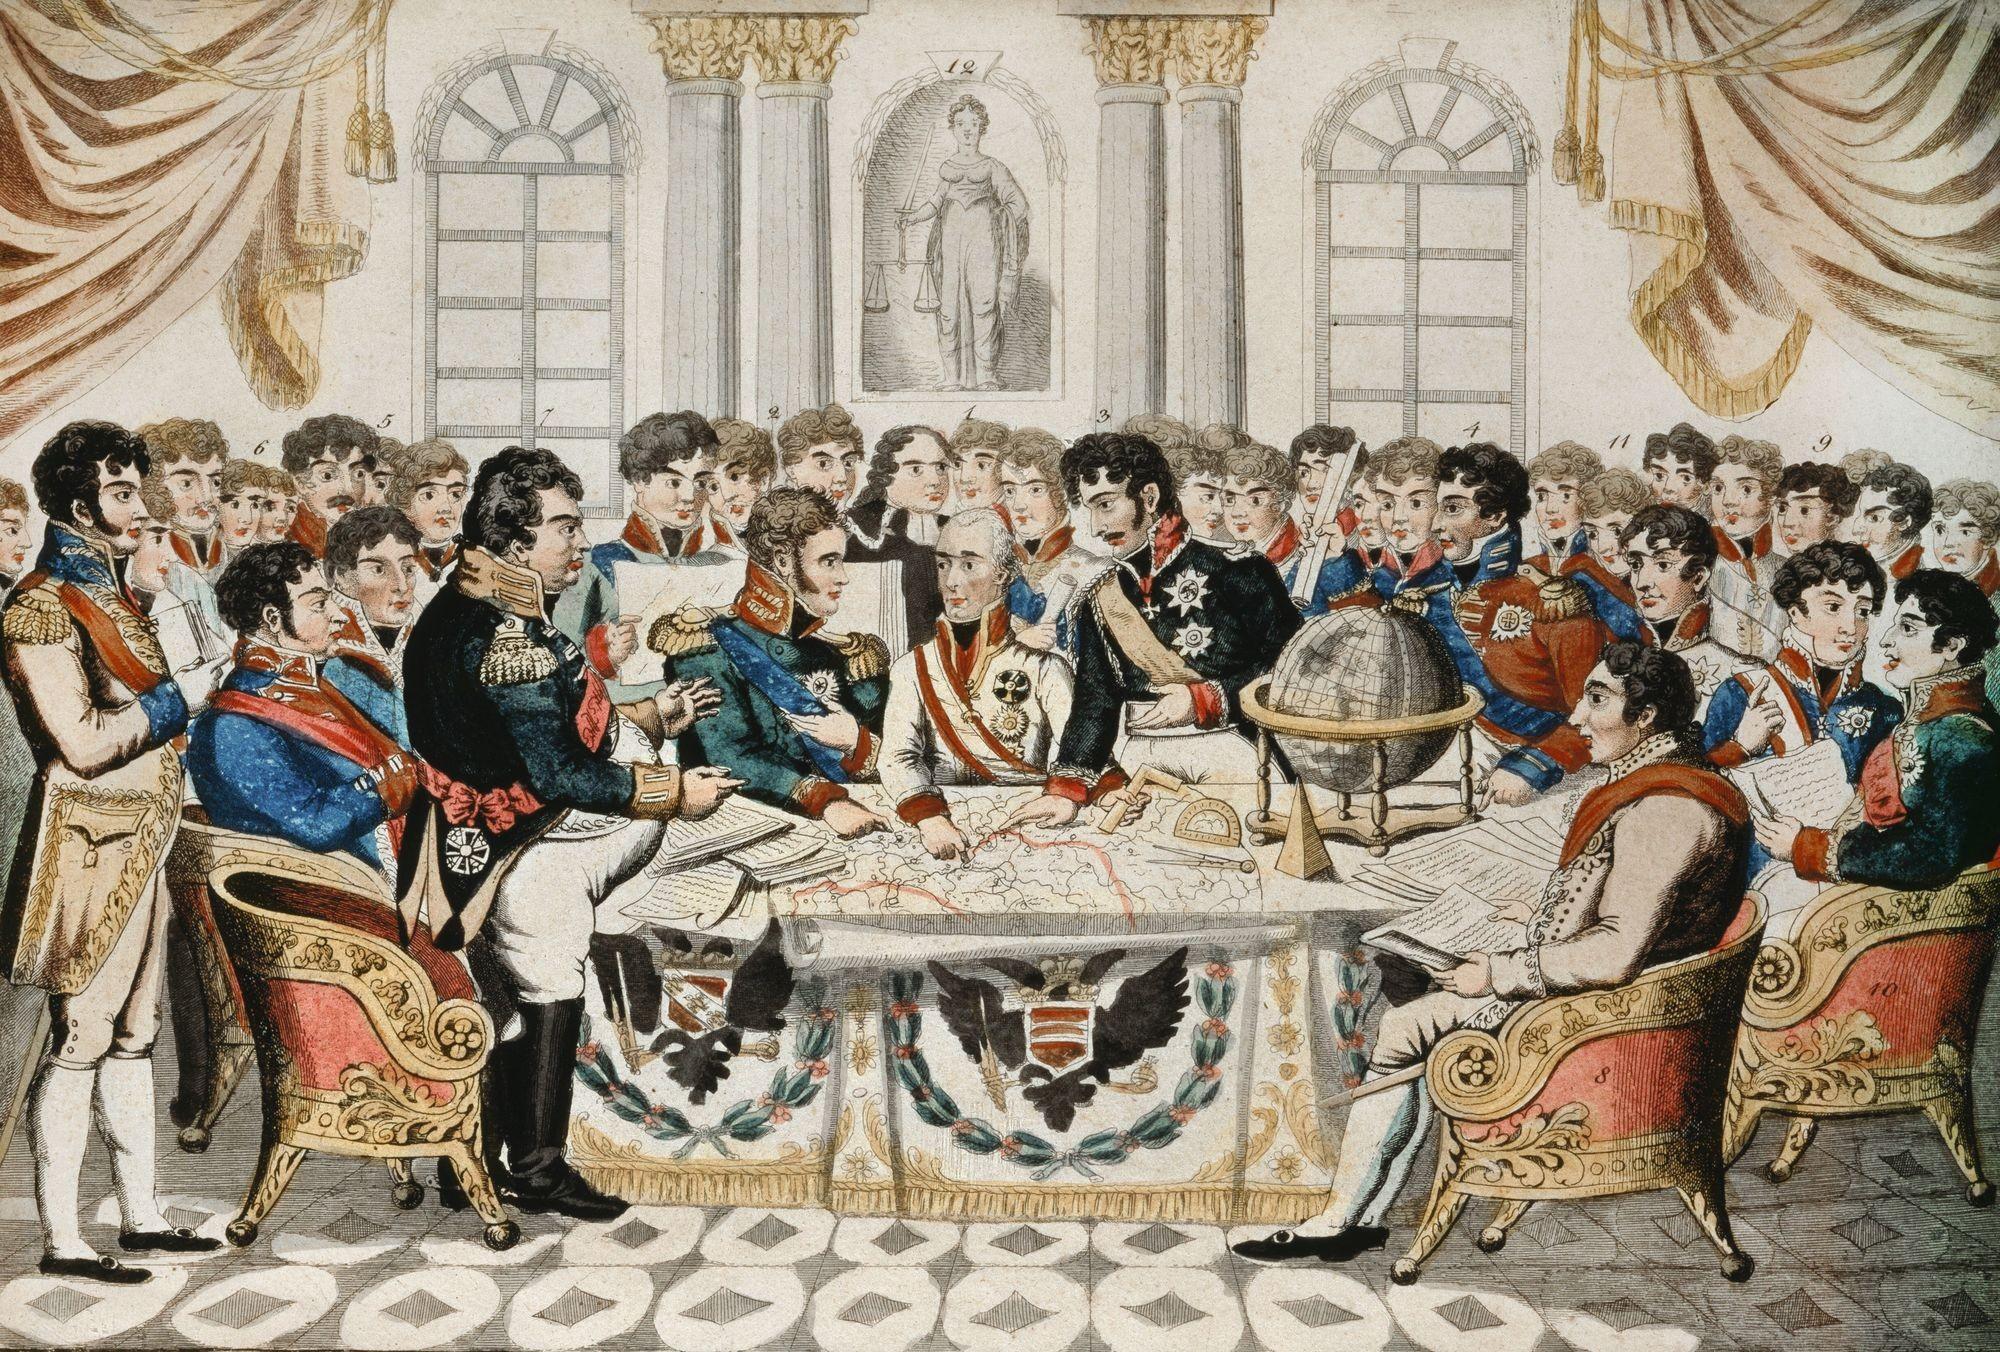 J. Zutz, Le Grand Congrès de Vienne pour la restauration de la paix et du droit en Europe, v. 1815, eau-forte coloriée, 17,9 x 24,5 cm, Museum der Stadt, Vienne.